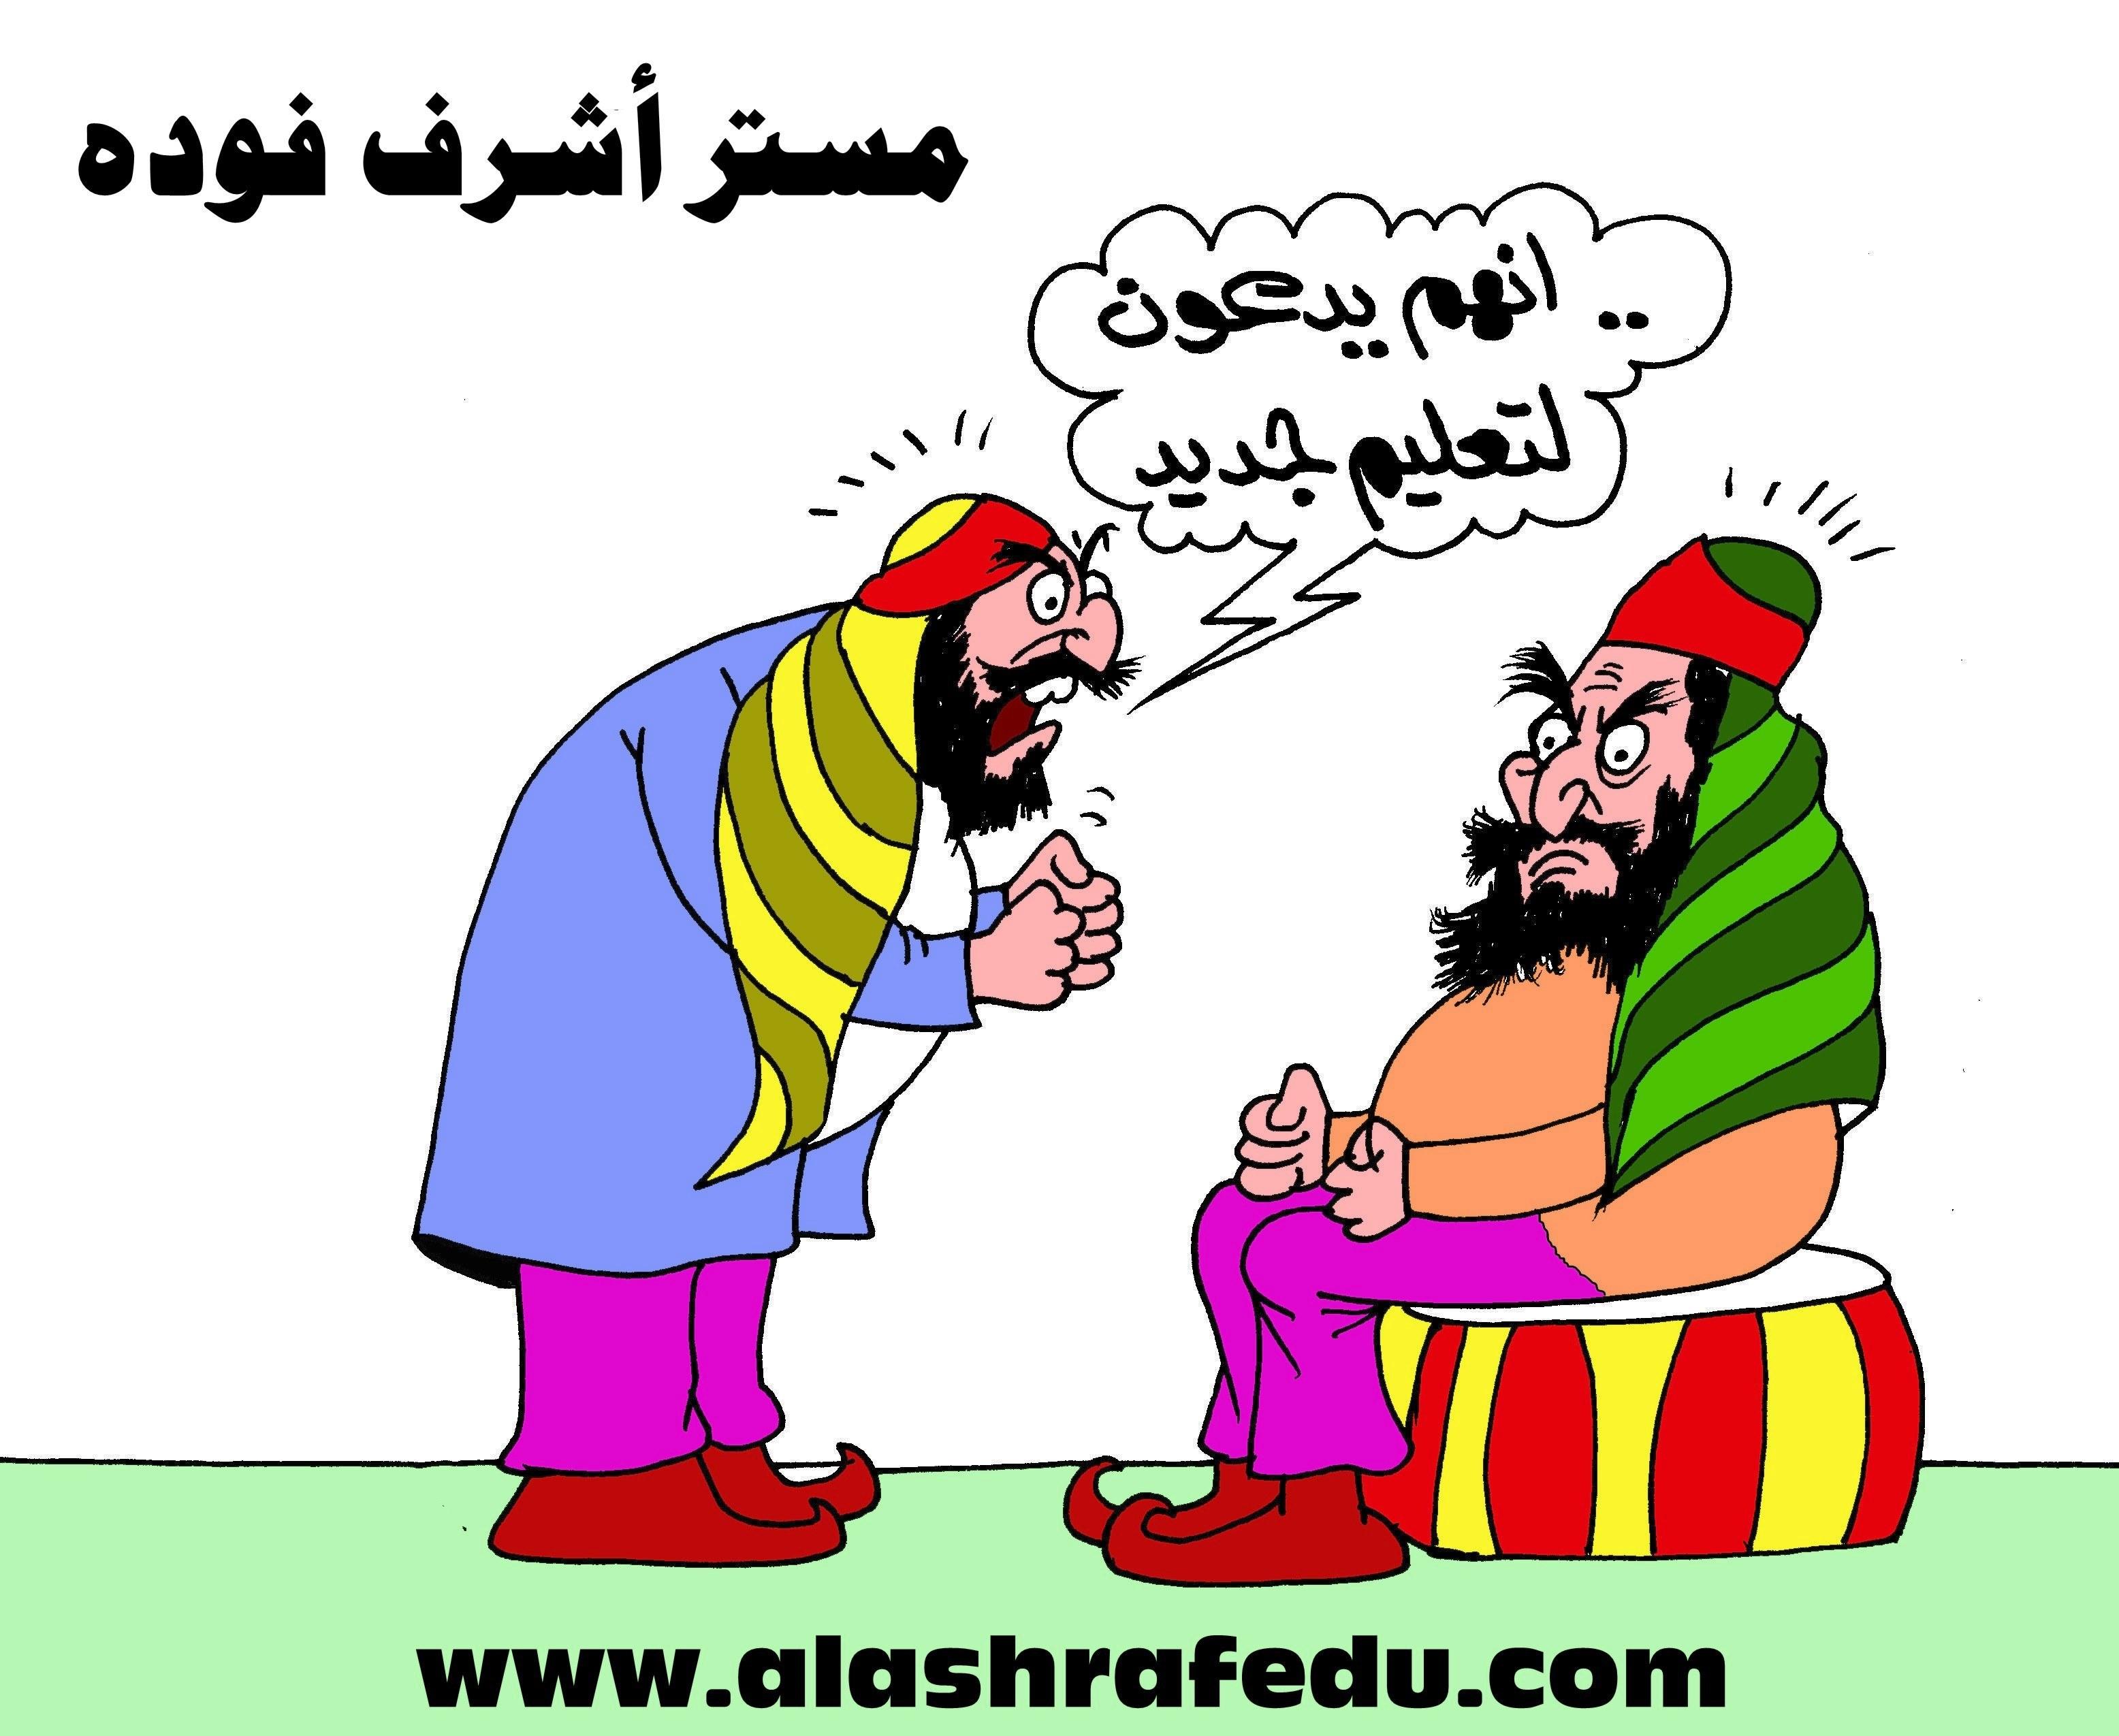 كاريكاتير كفار قريش إنهم يدعون لتعليم جديد www.alashrafedu.com1